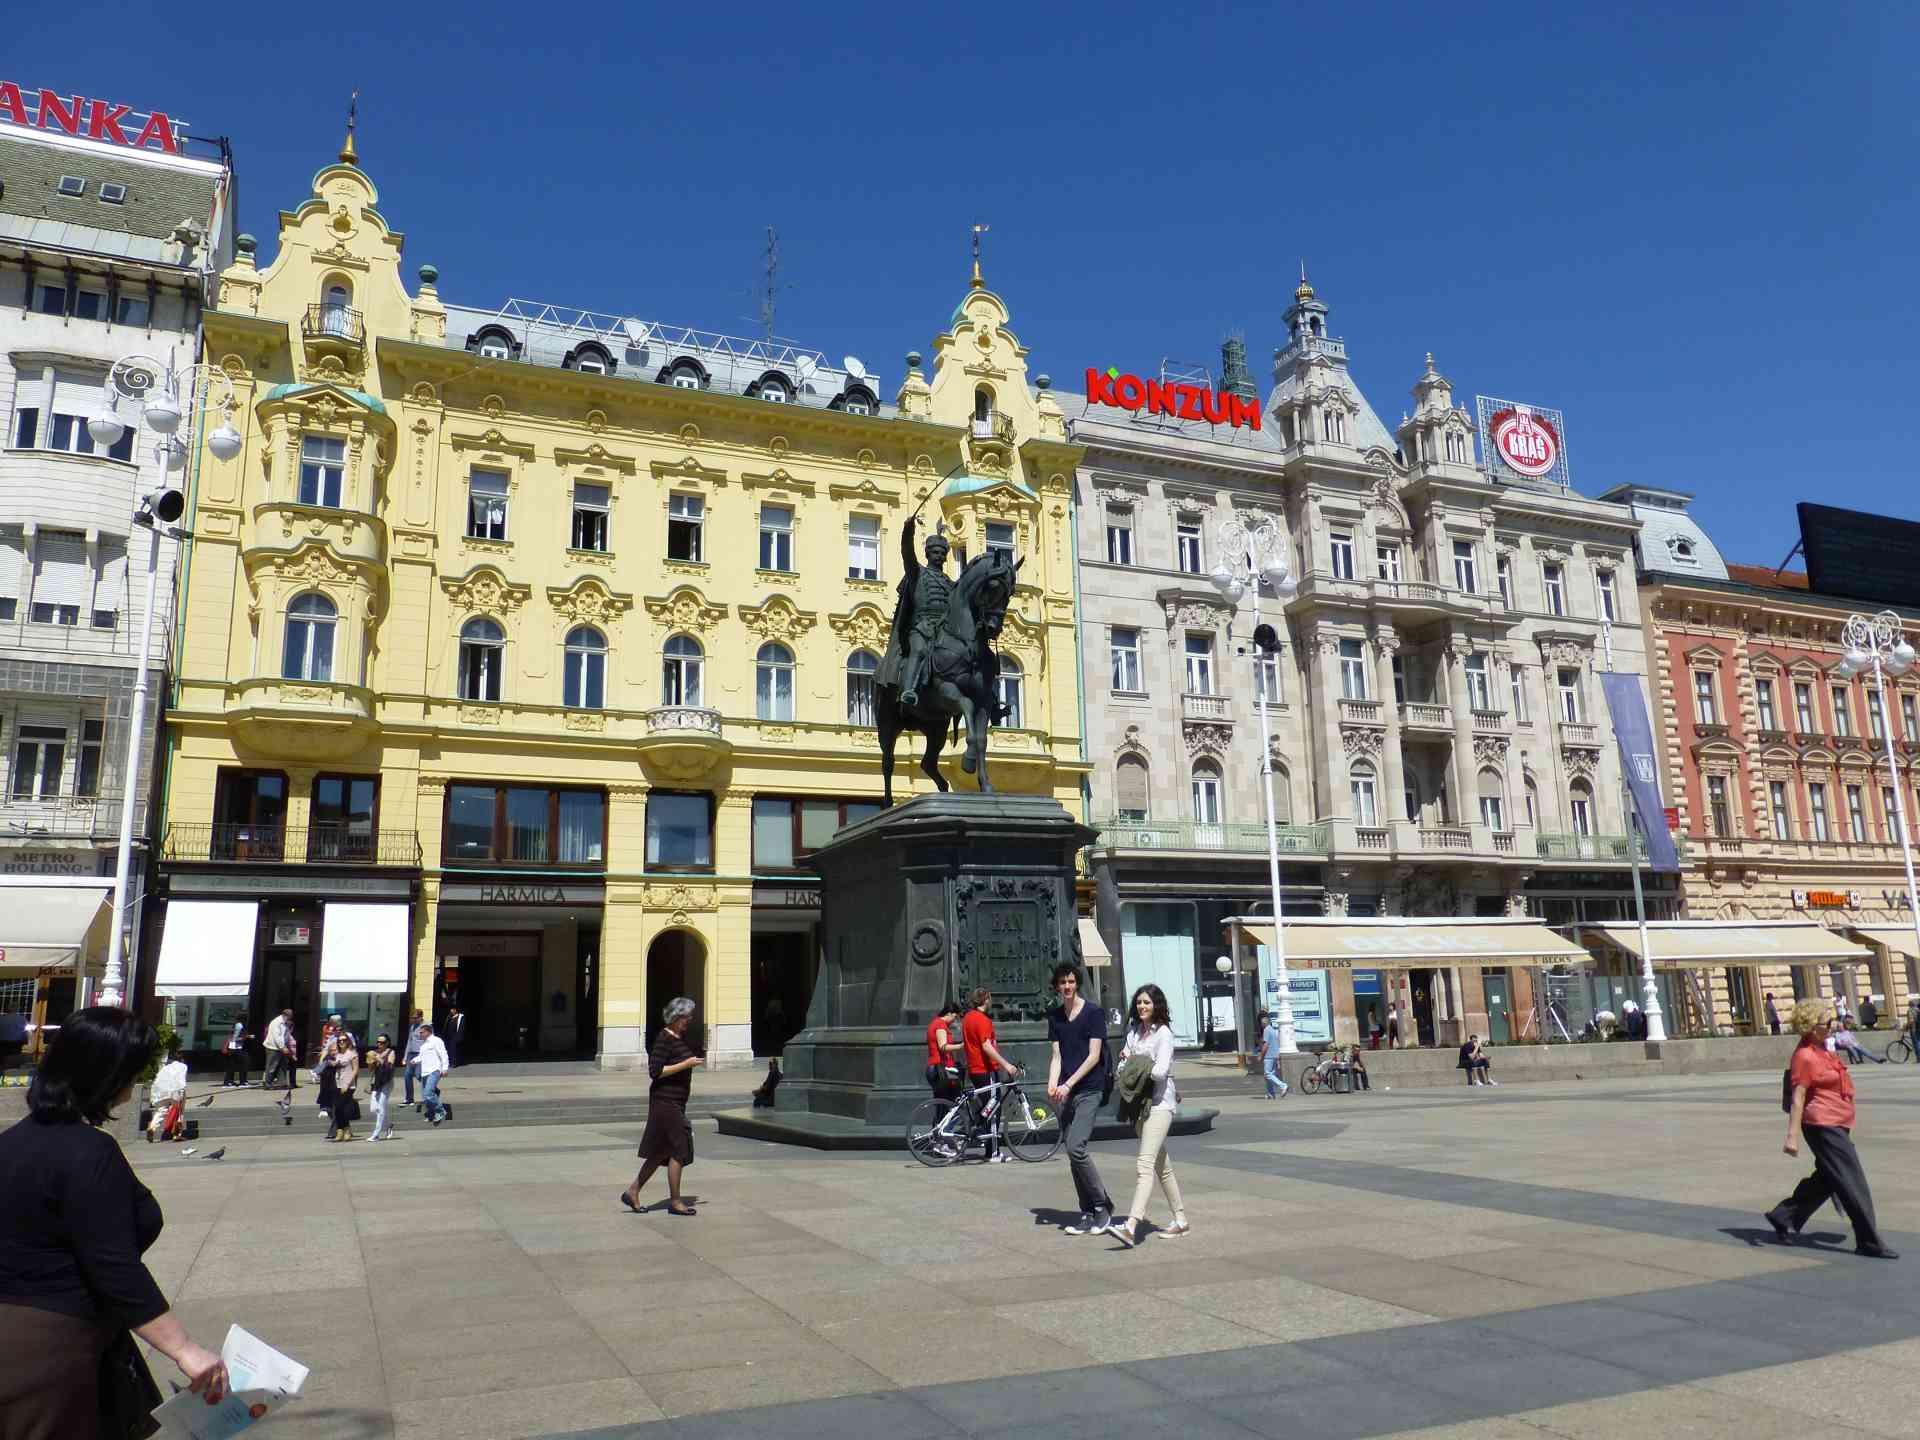 Zagreb, Croatia by Dennis Bunnik